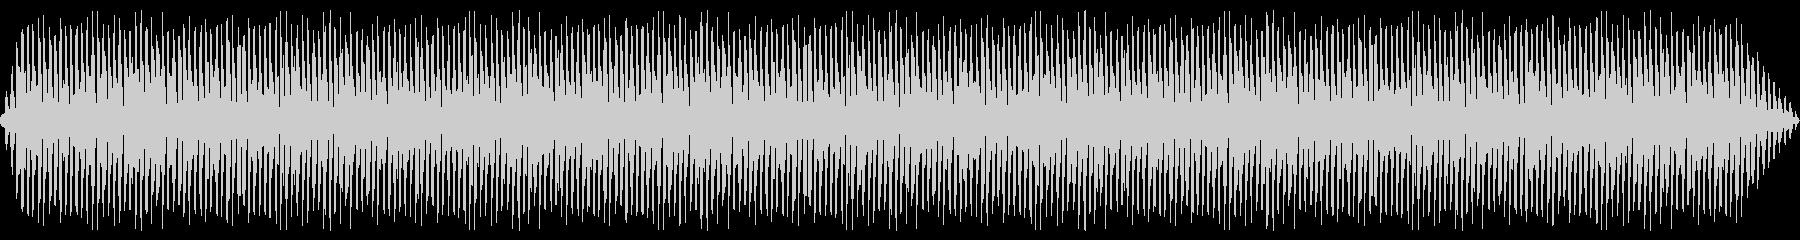 ディーゼル発電機:低周波スロットル...の未再生の波形